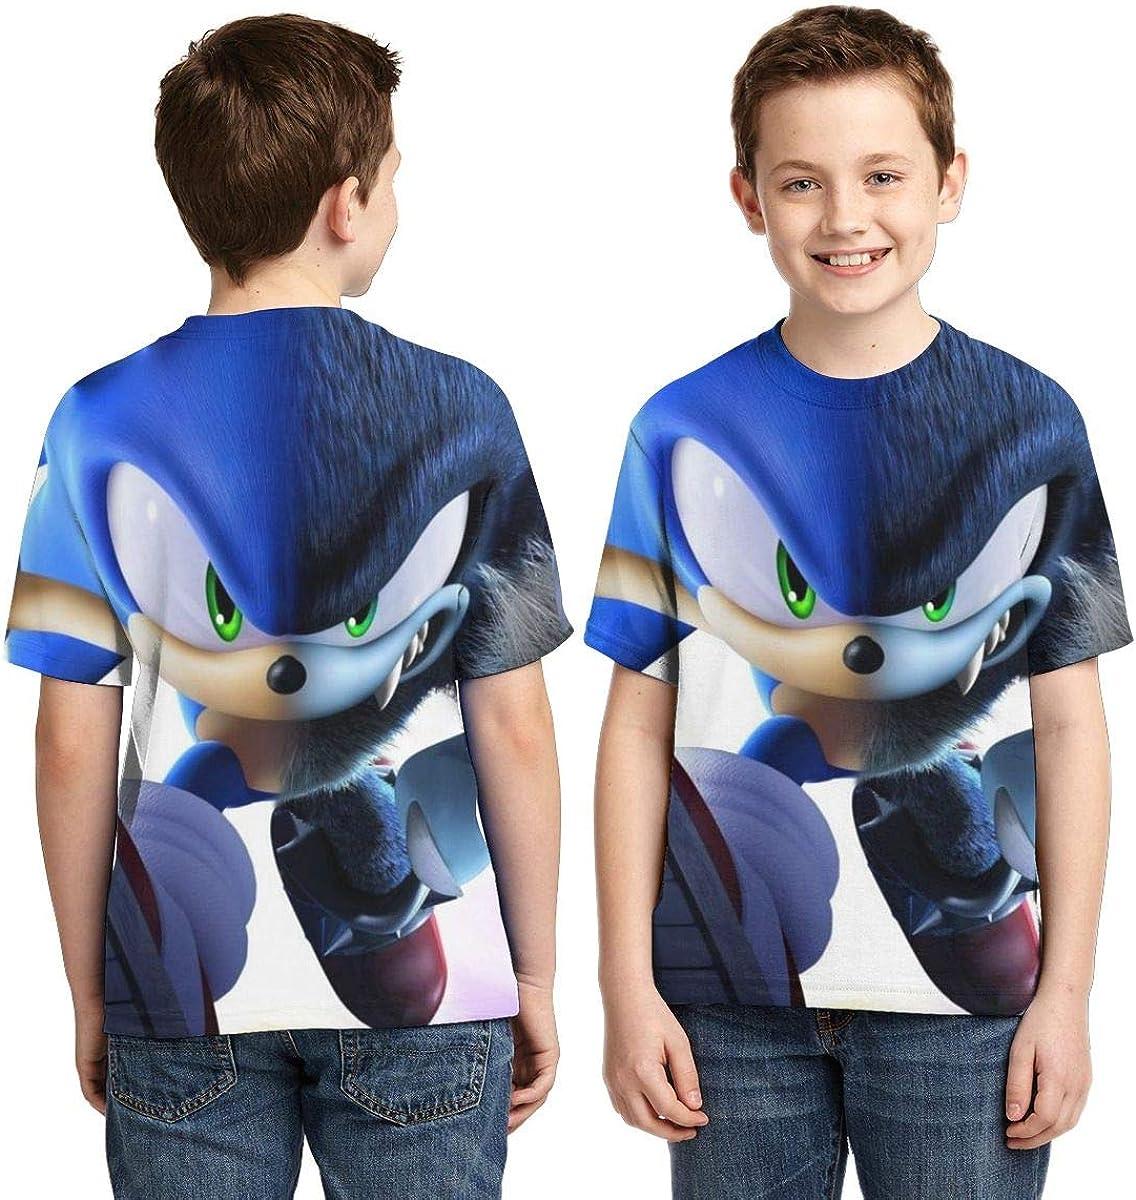 Muindancer Cartoon Characters Childs Shirt Boys 3D Print Short Sleeve Basic T-Shirt